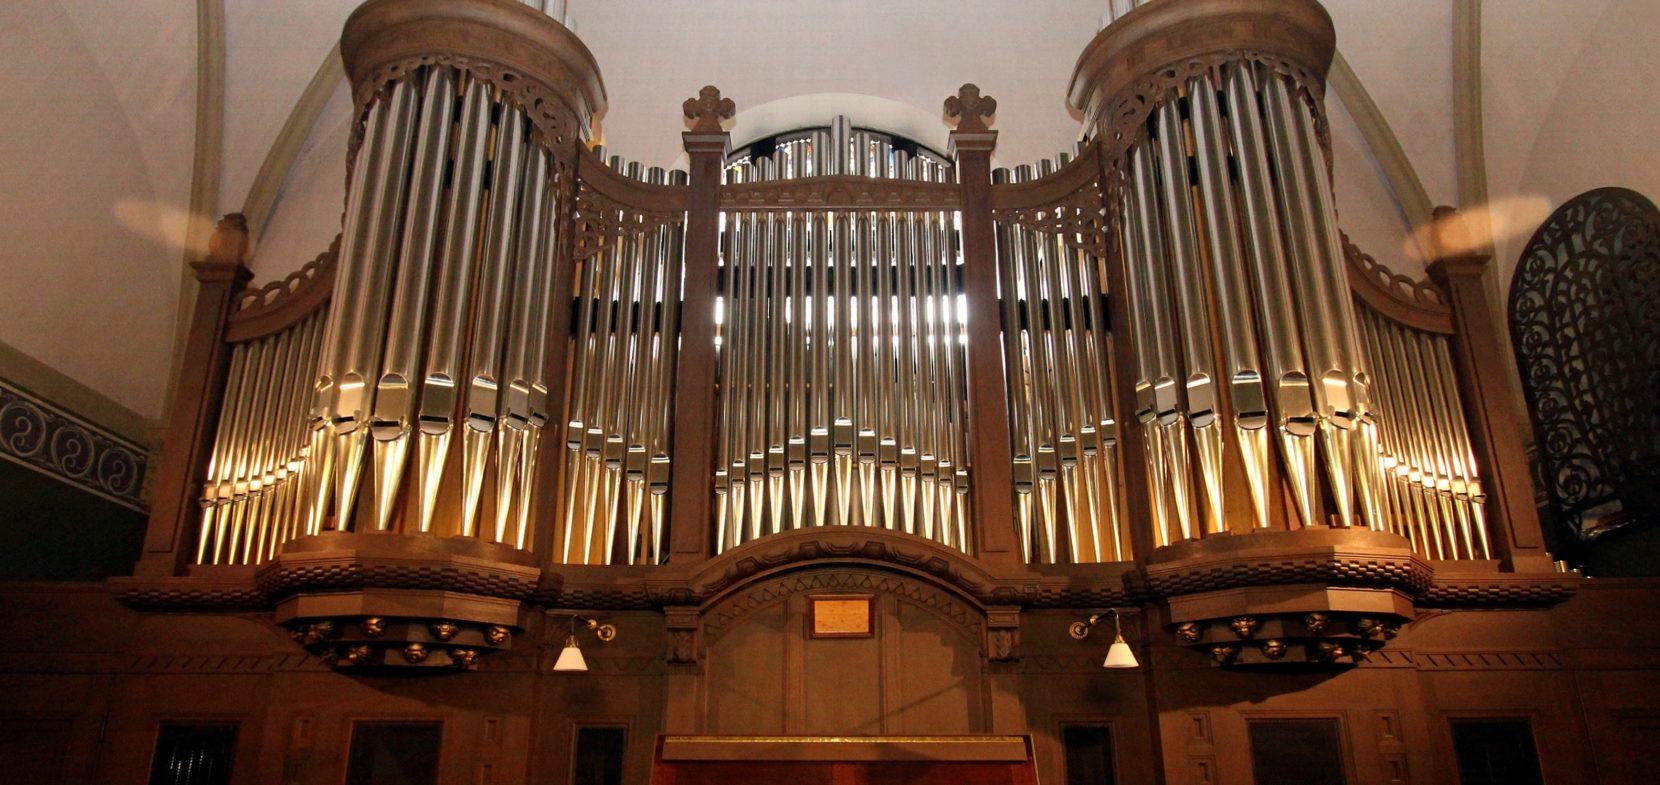 Besondere Orgeln